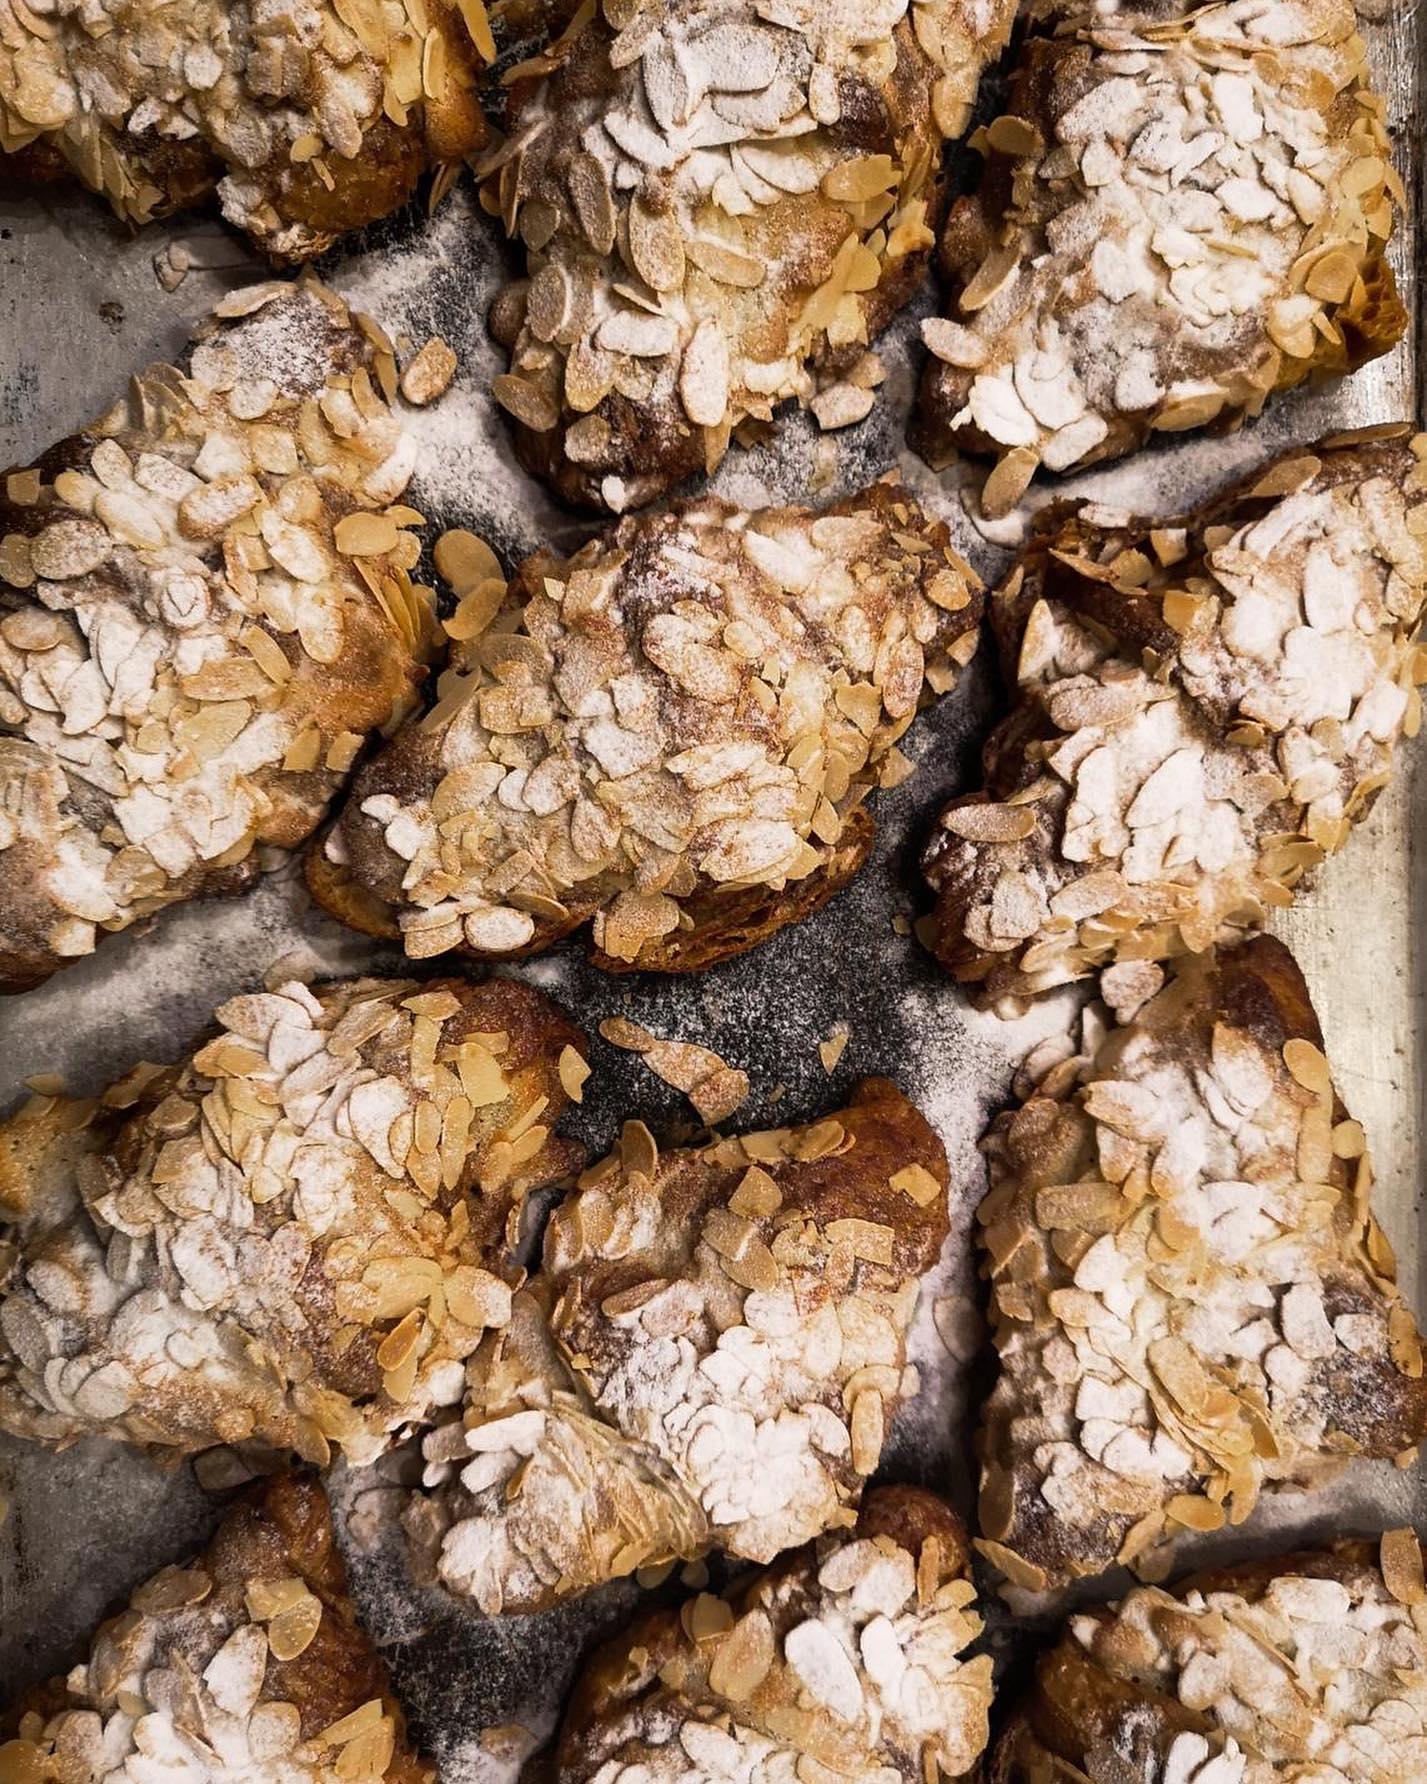 Maison Sucree Almond Croissants